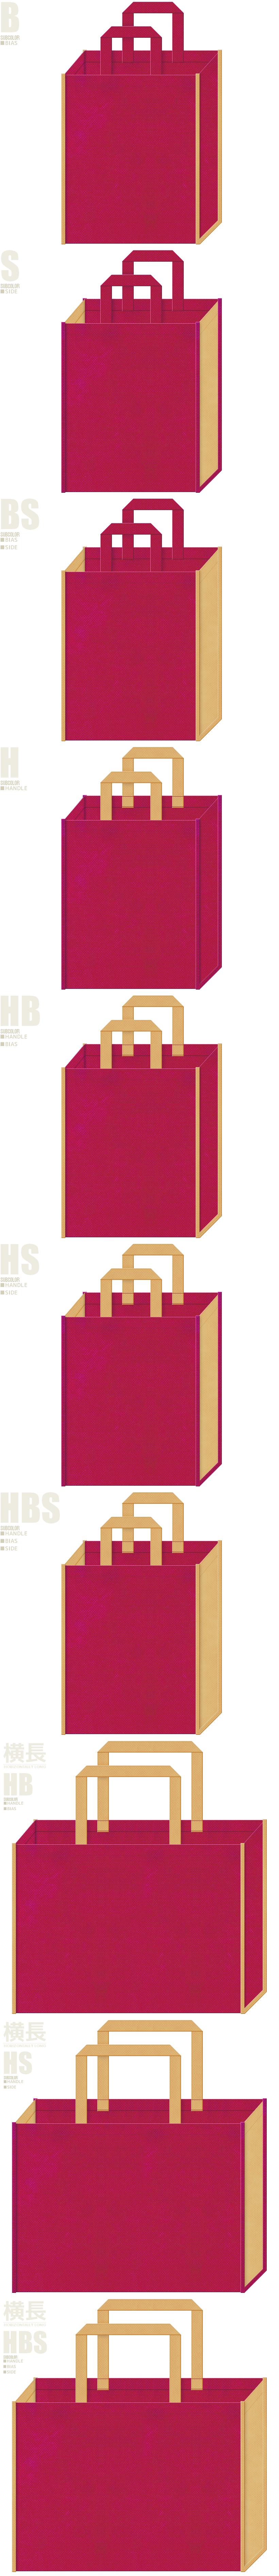 さつまいも・手芸・ぬいぐるみ・ベアー・子犬・南国・トロピカル・カクテル・リゾート・トラベルバッグ・ゲーム・絵本・おとぎ話・お菓子の家・プリンセス・テーマパークのイベントにお奨めの不織布バッグデザイン:濃いピンク色と薄黄土色の配色7パターン